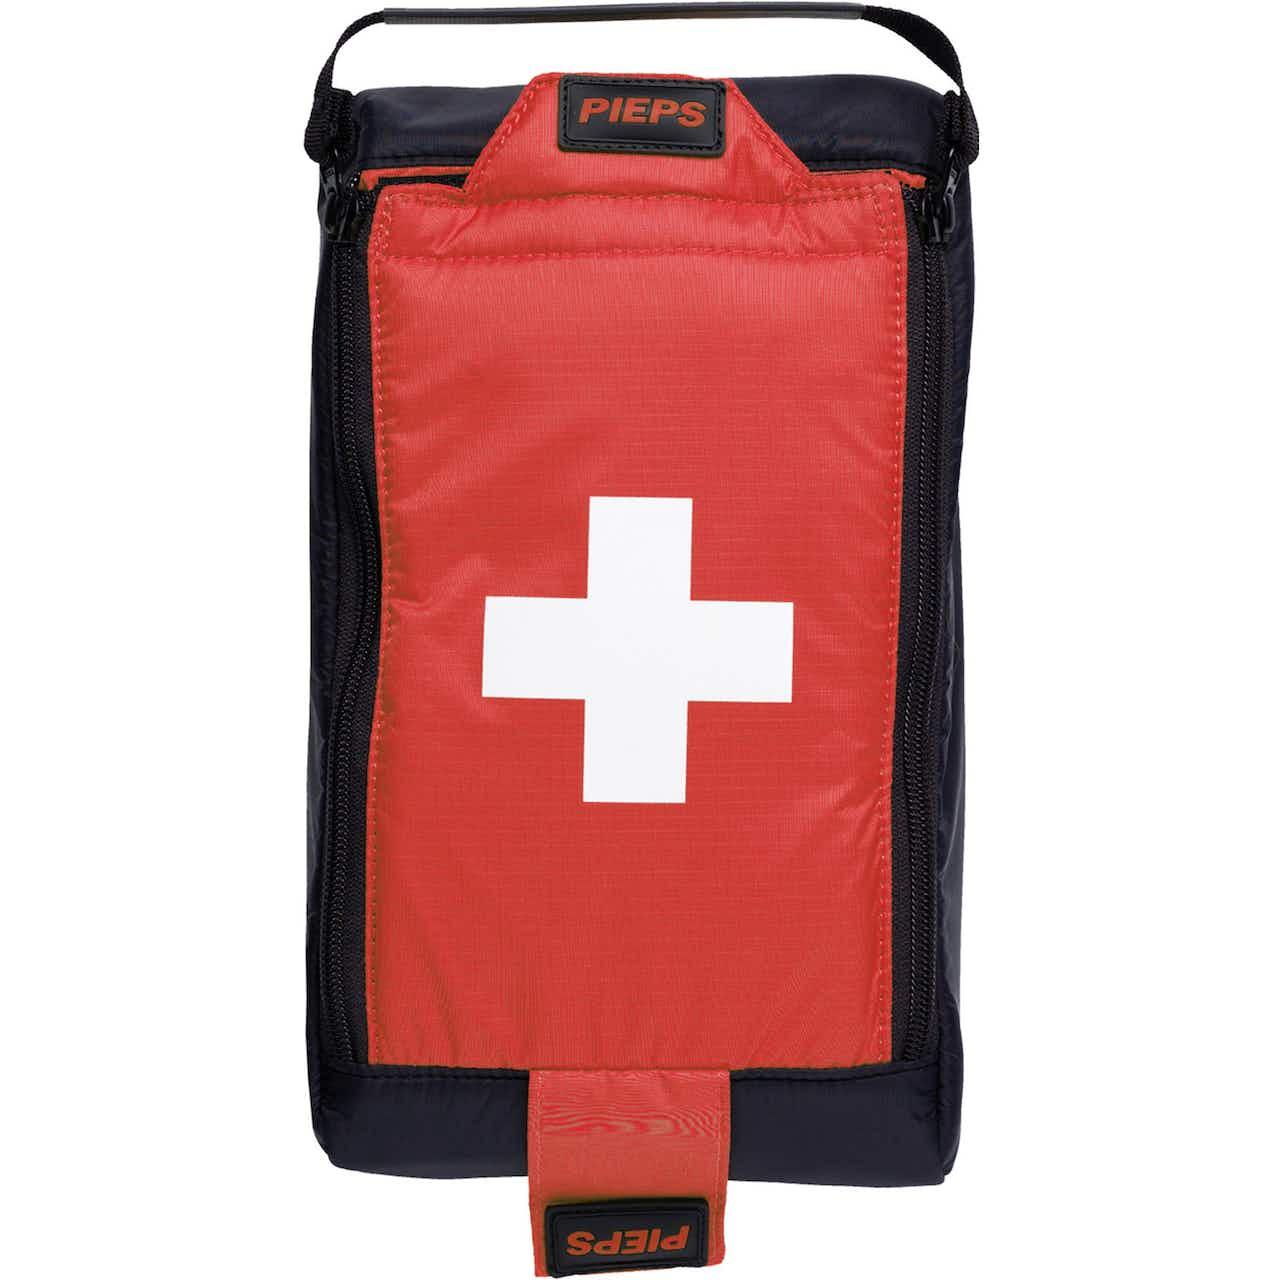 PIEPS First Aid Pro Erste Hilfe Set